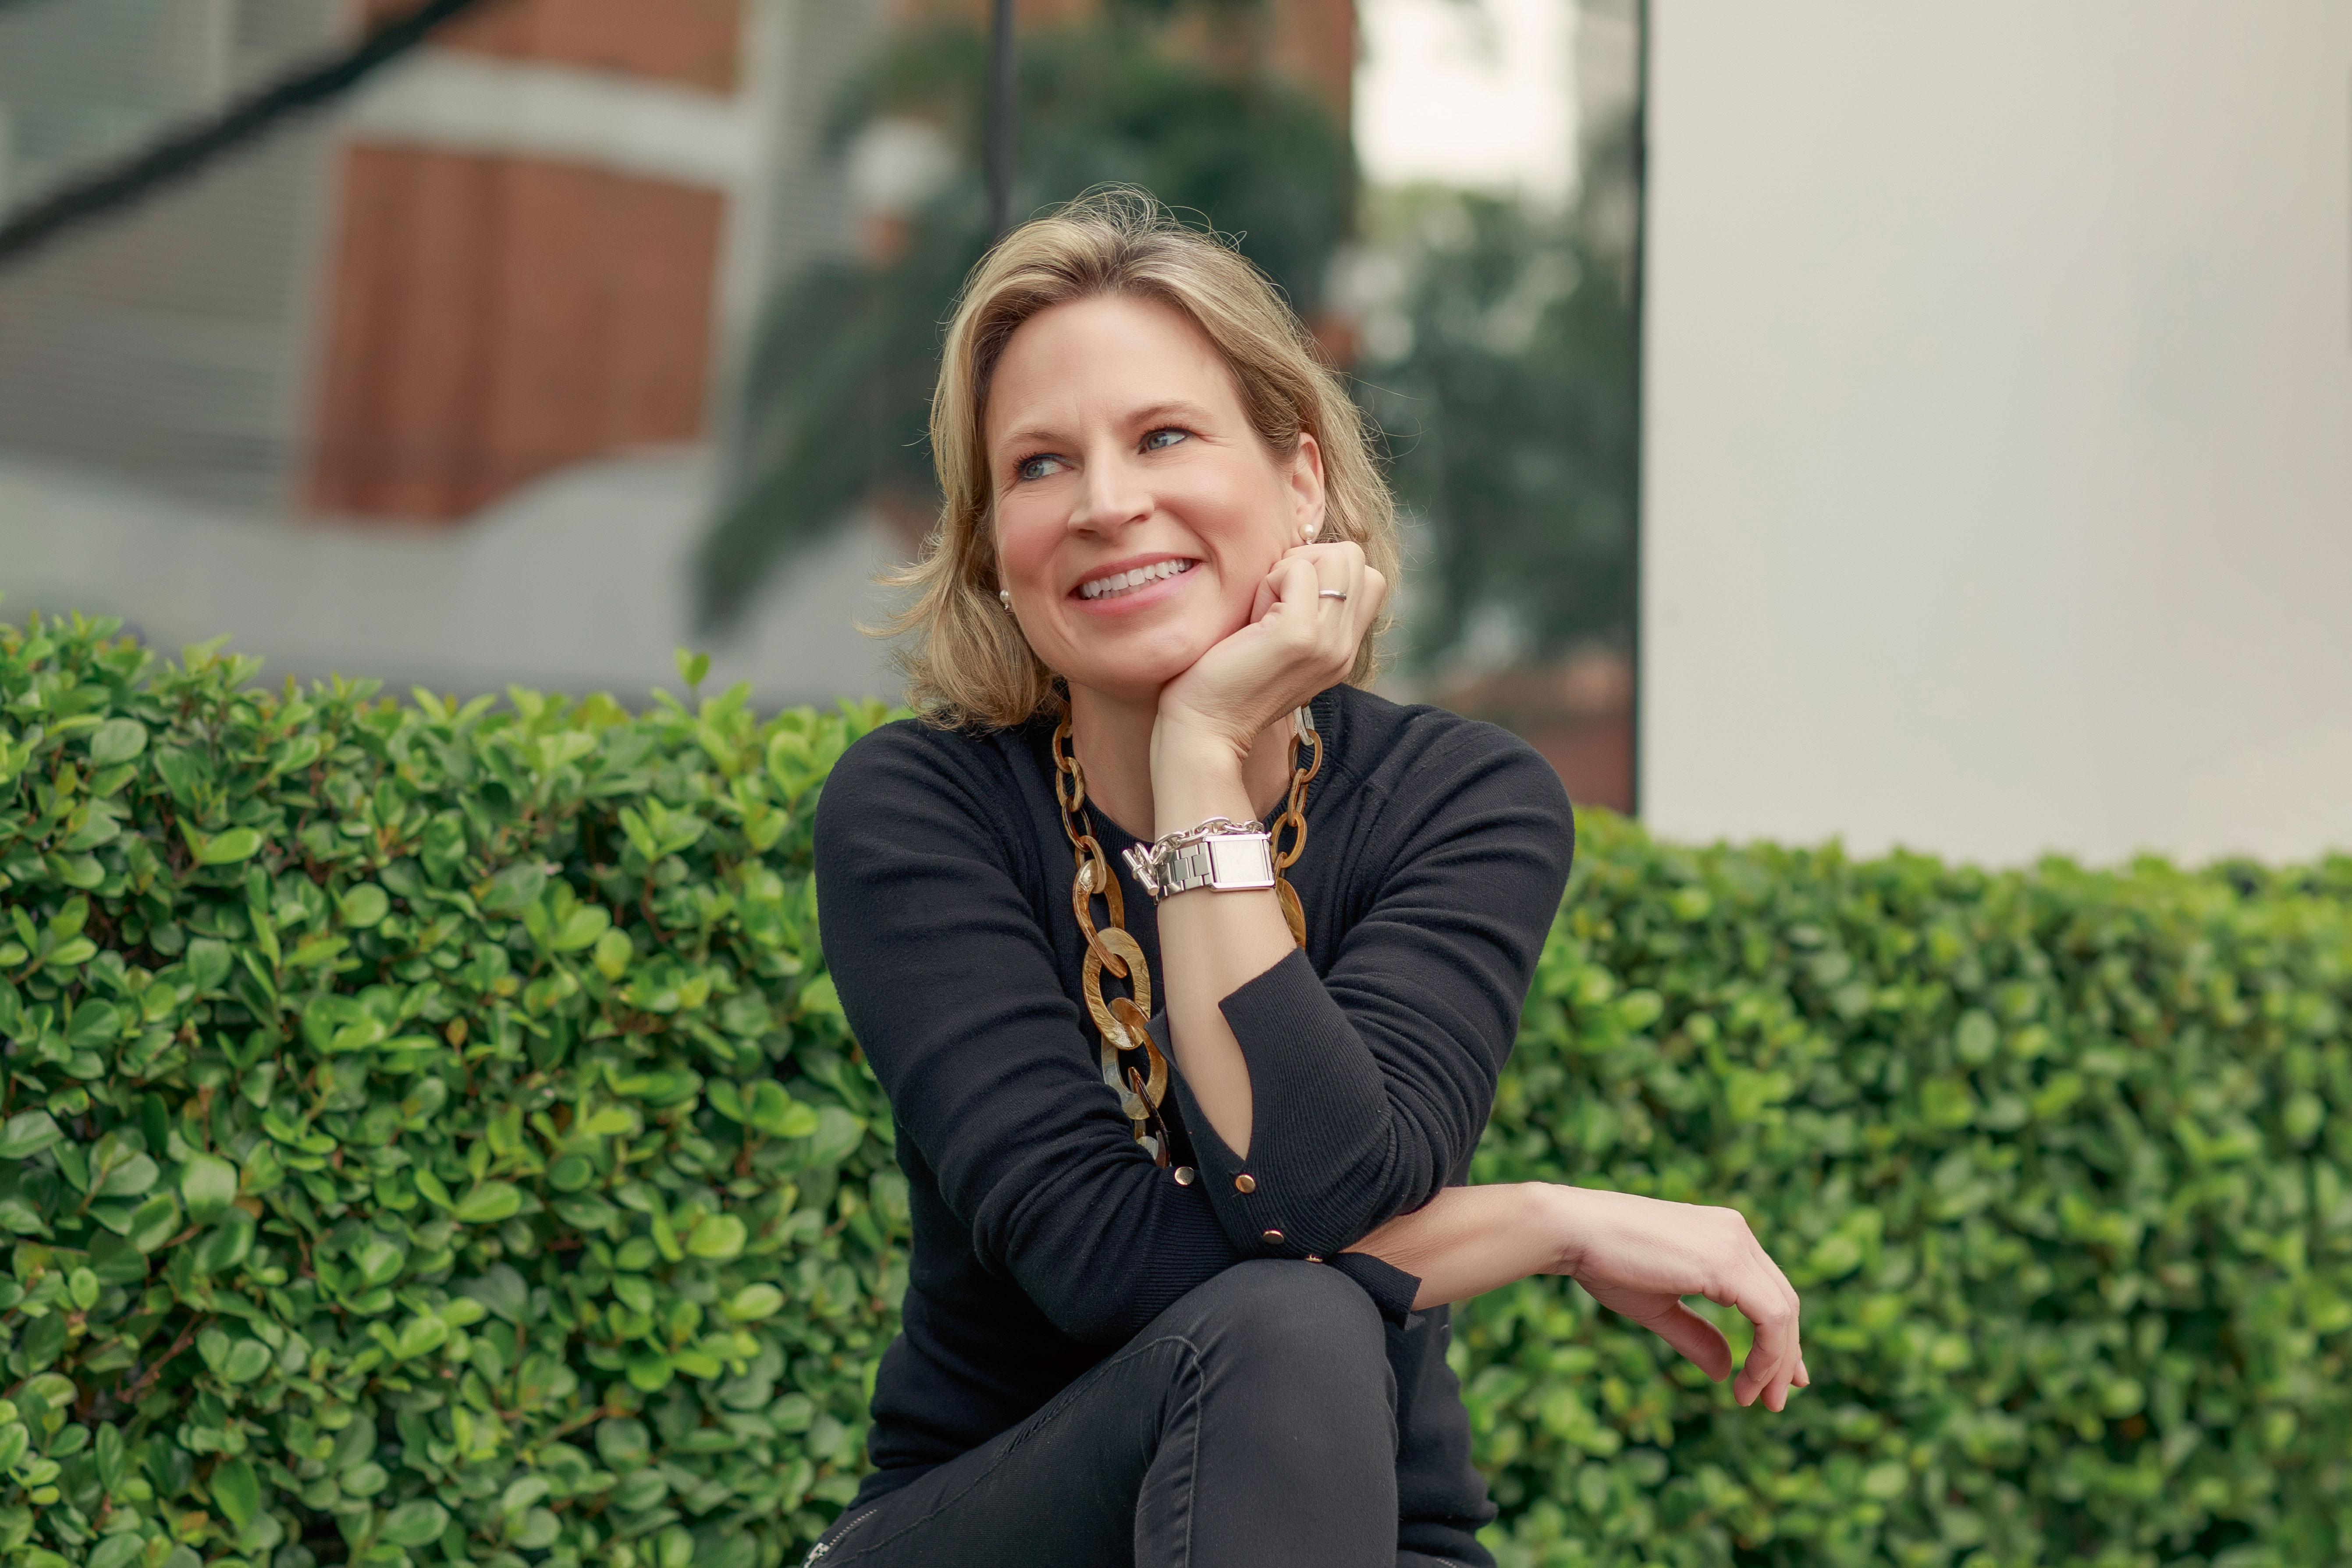 Stephanie Habrich